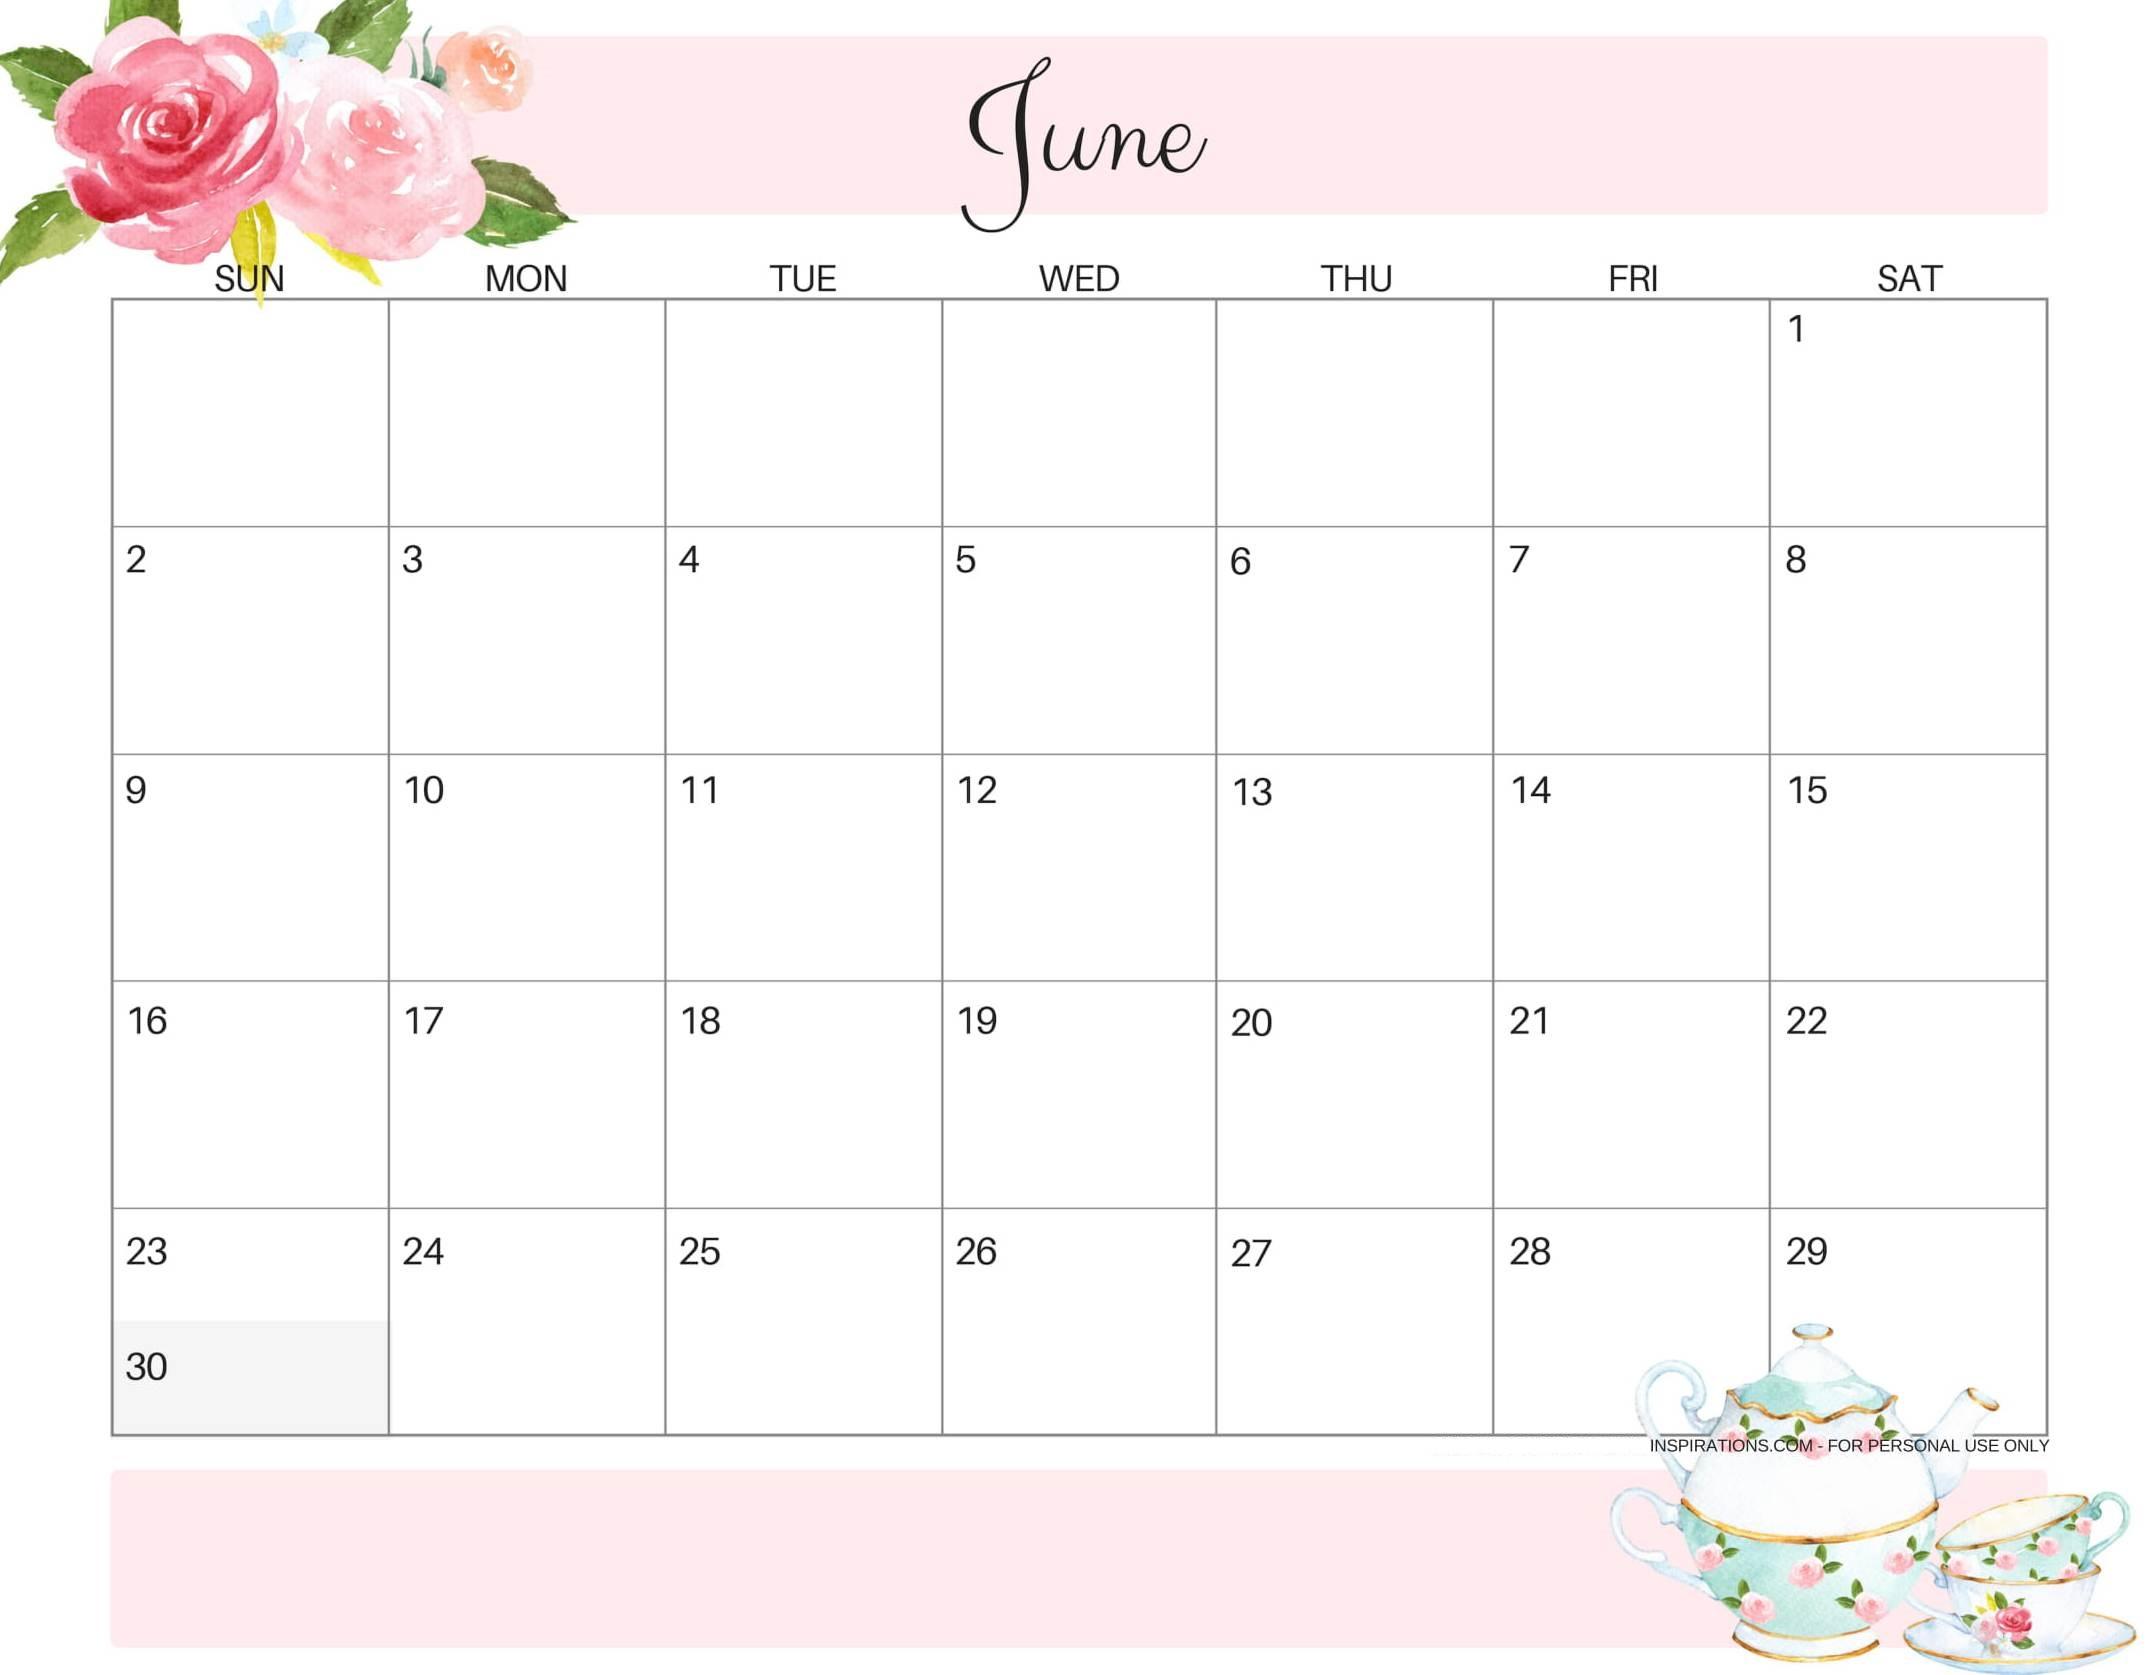 Cute June 2019 Calendar Free Printable